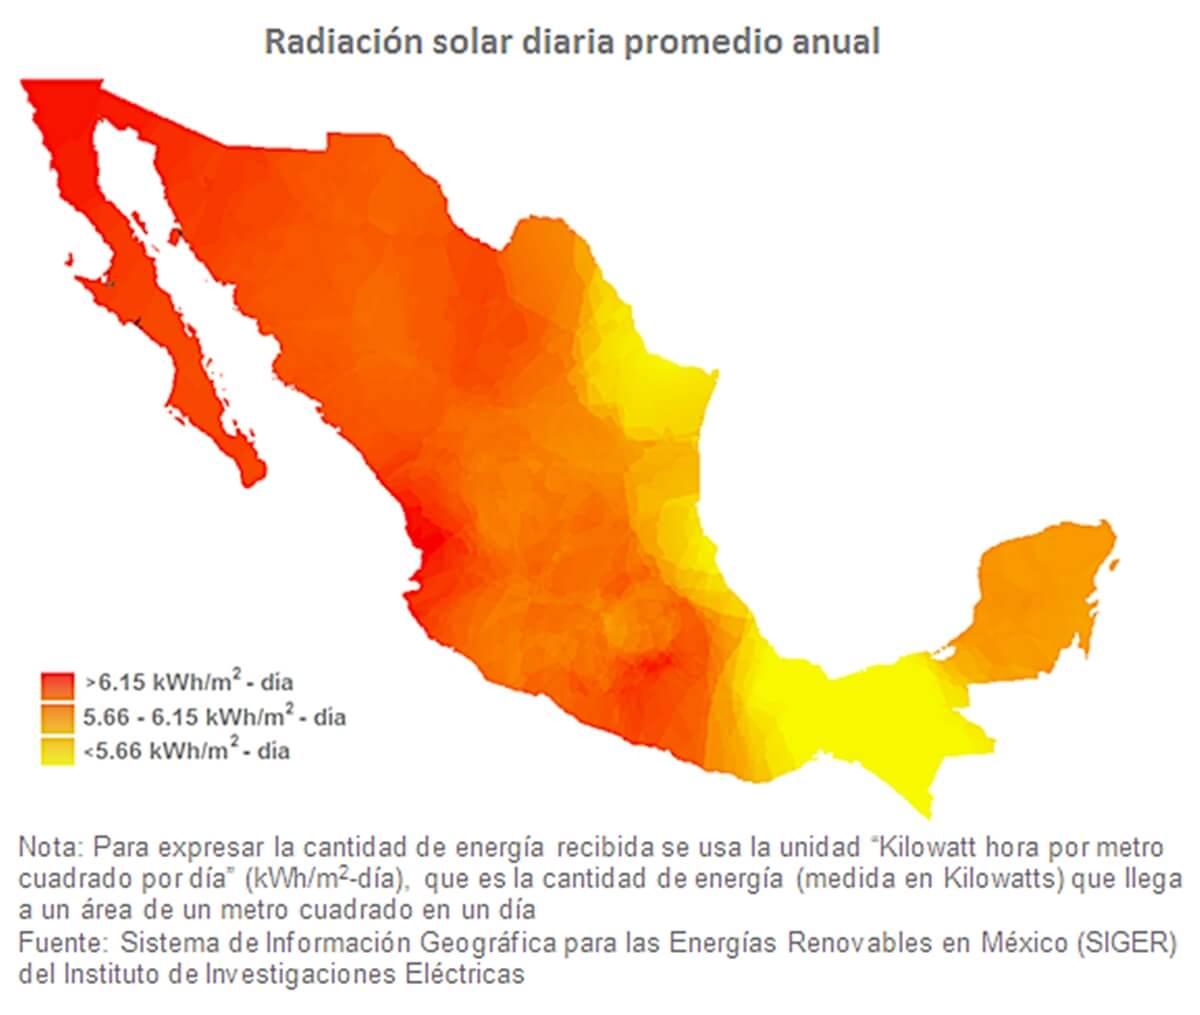 Consulta gráficas de energía solar en México